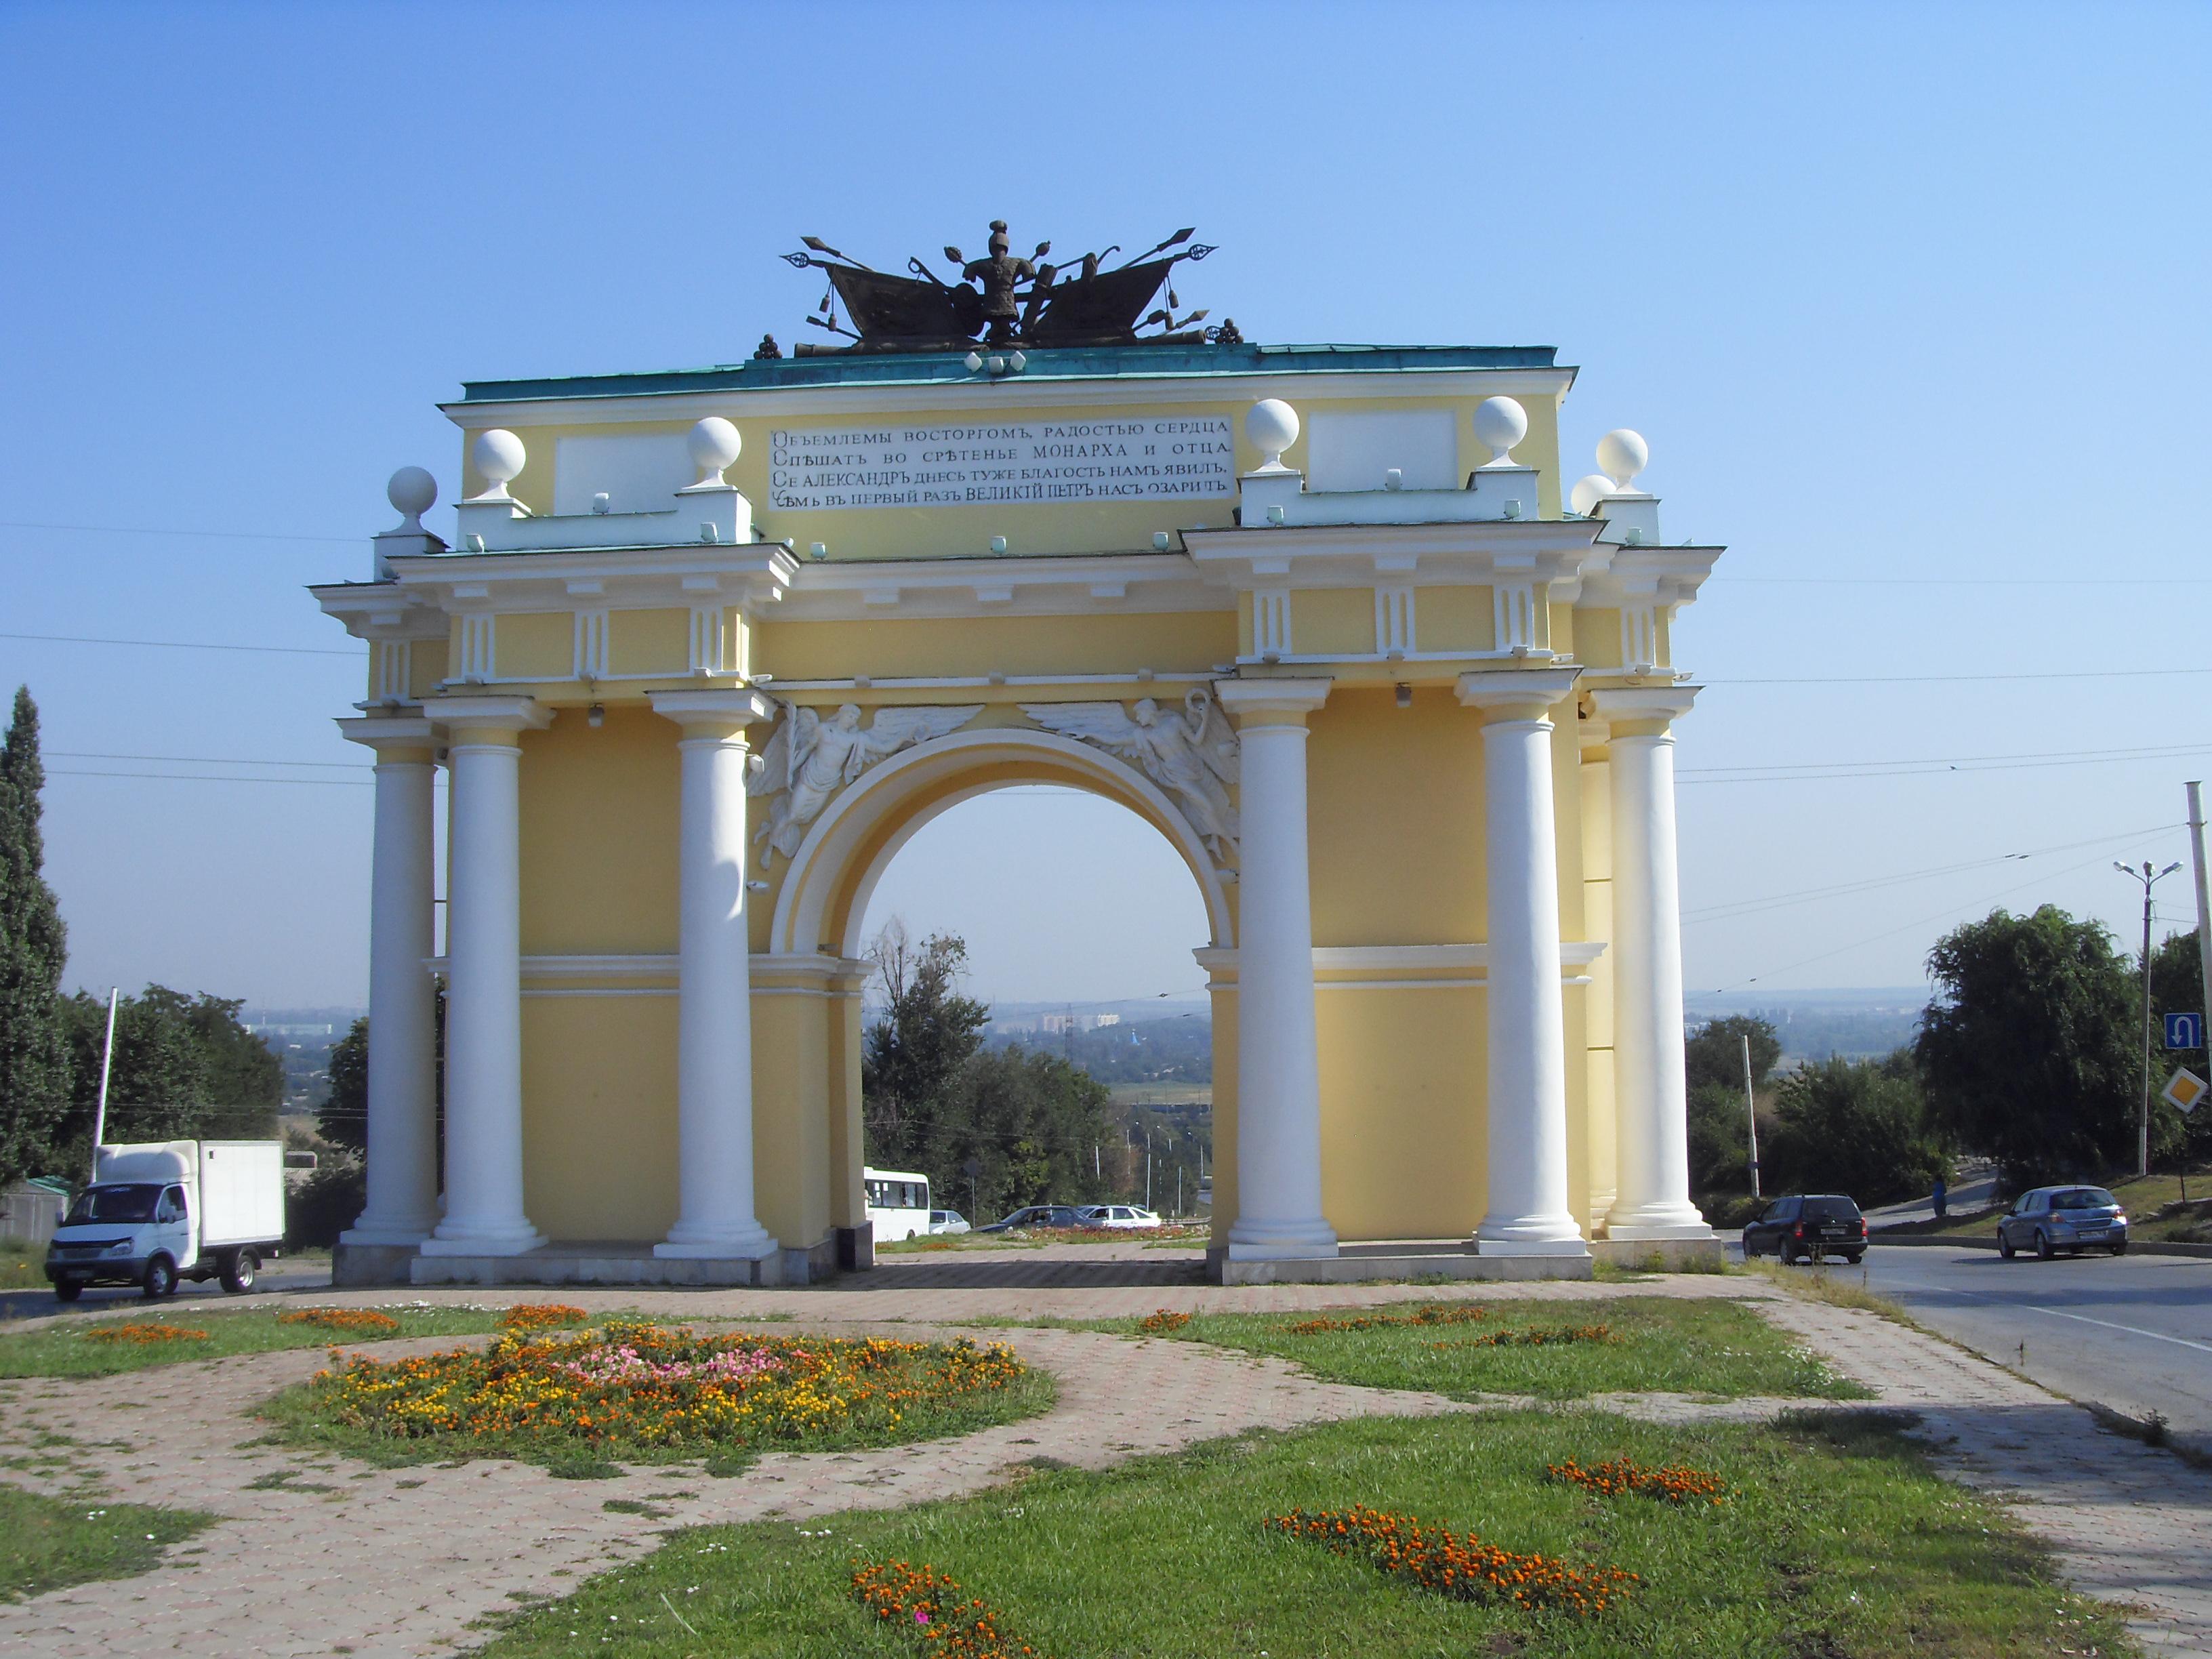 Sights of Novocherkassk: description, photo